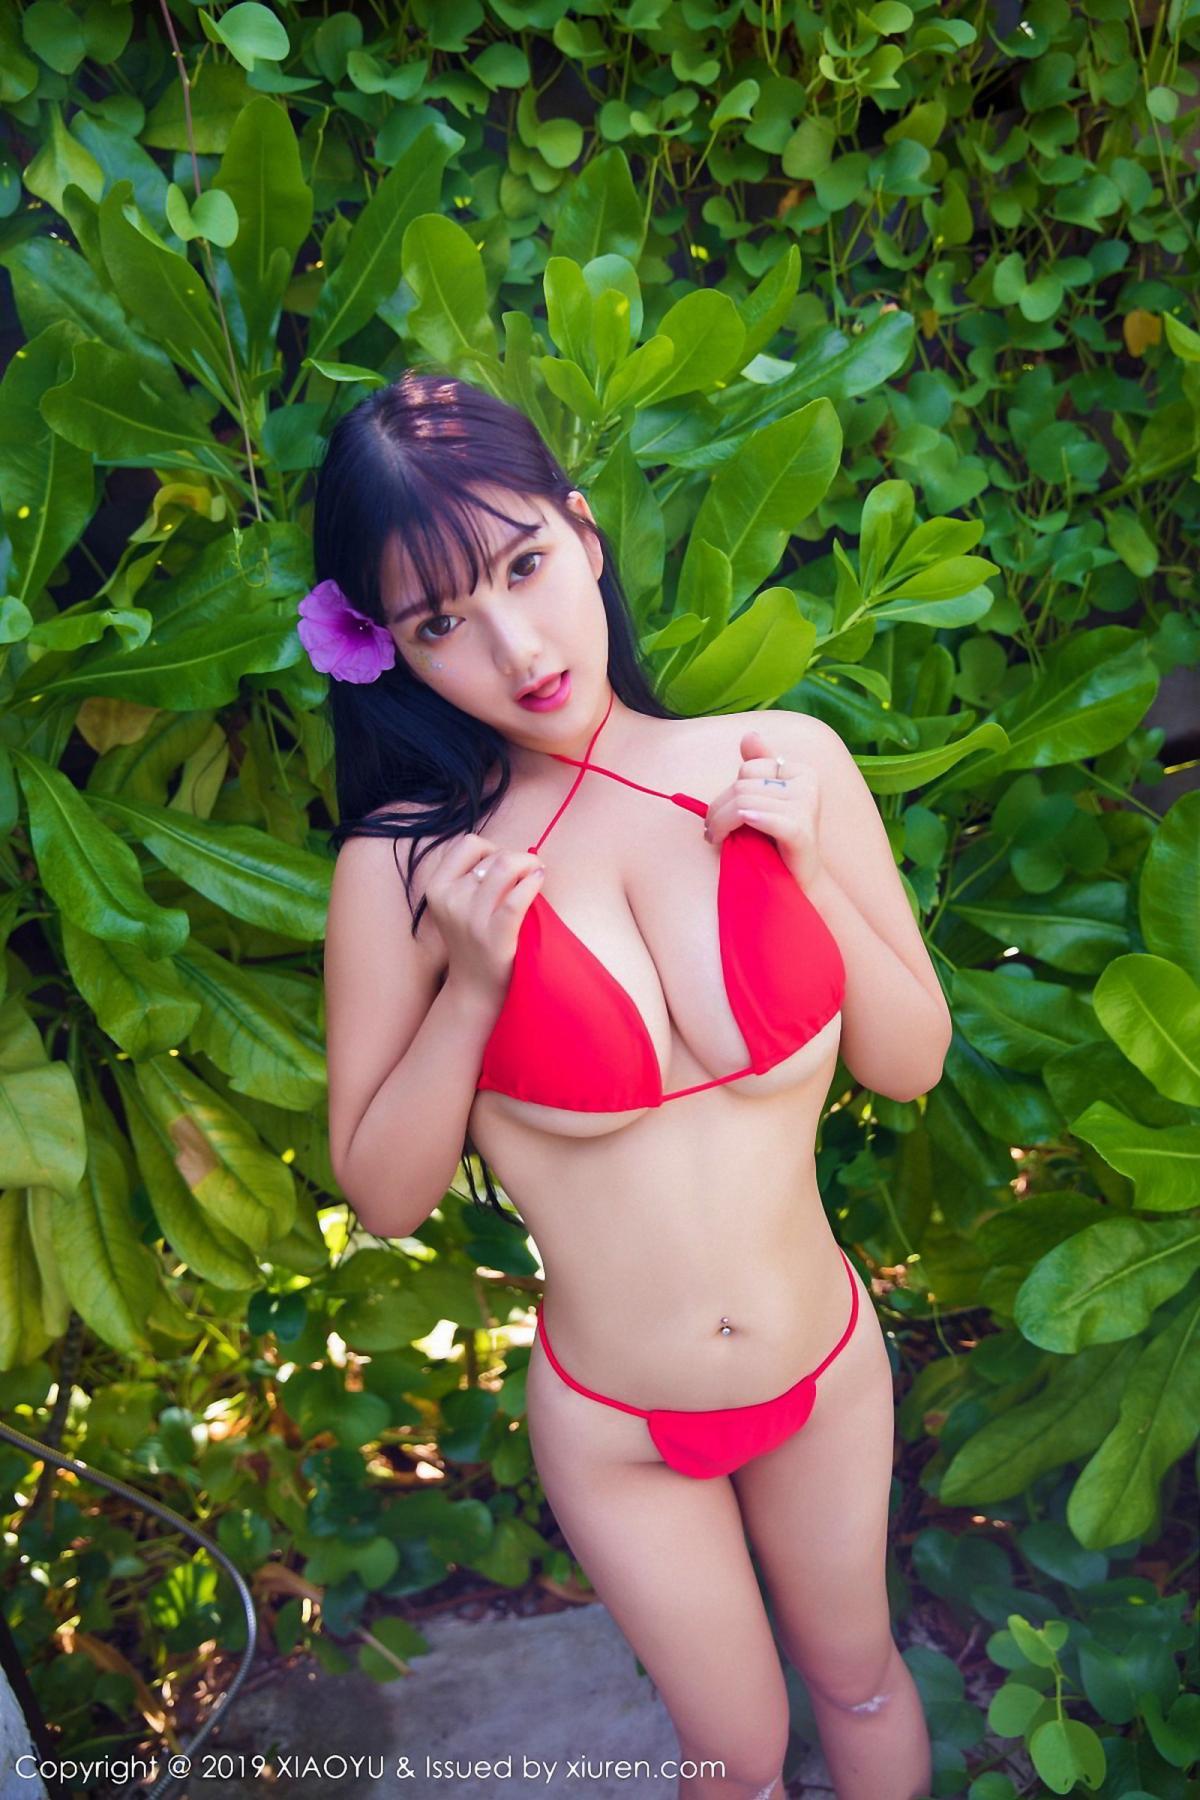 [XiaoYu] Vol.029 Lu Lu Xiao Miao 13P, Bikini, Lu Lu Xiao Miao, Wet, XiaoYu